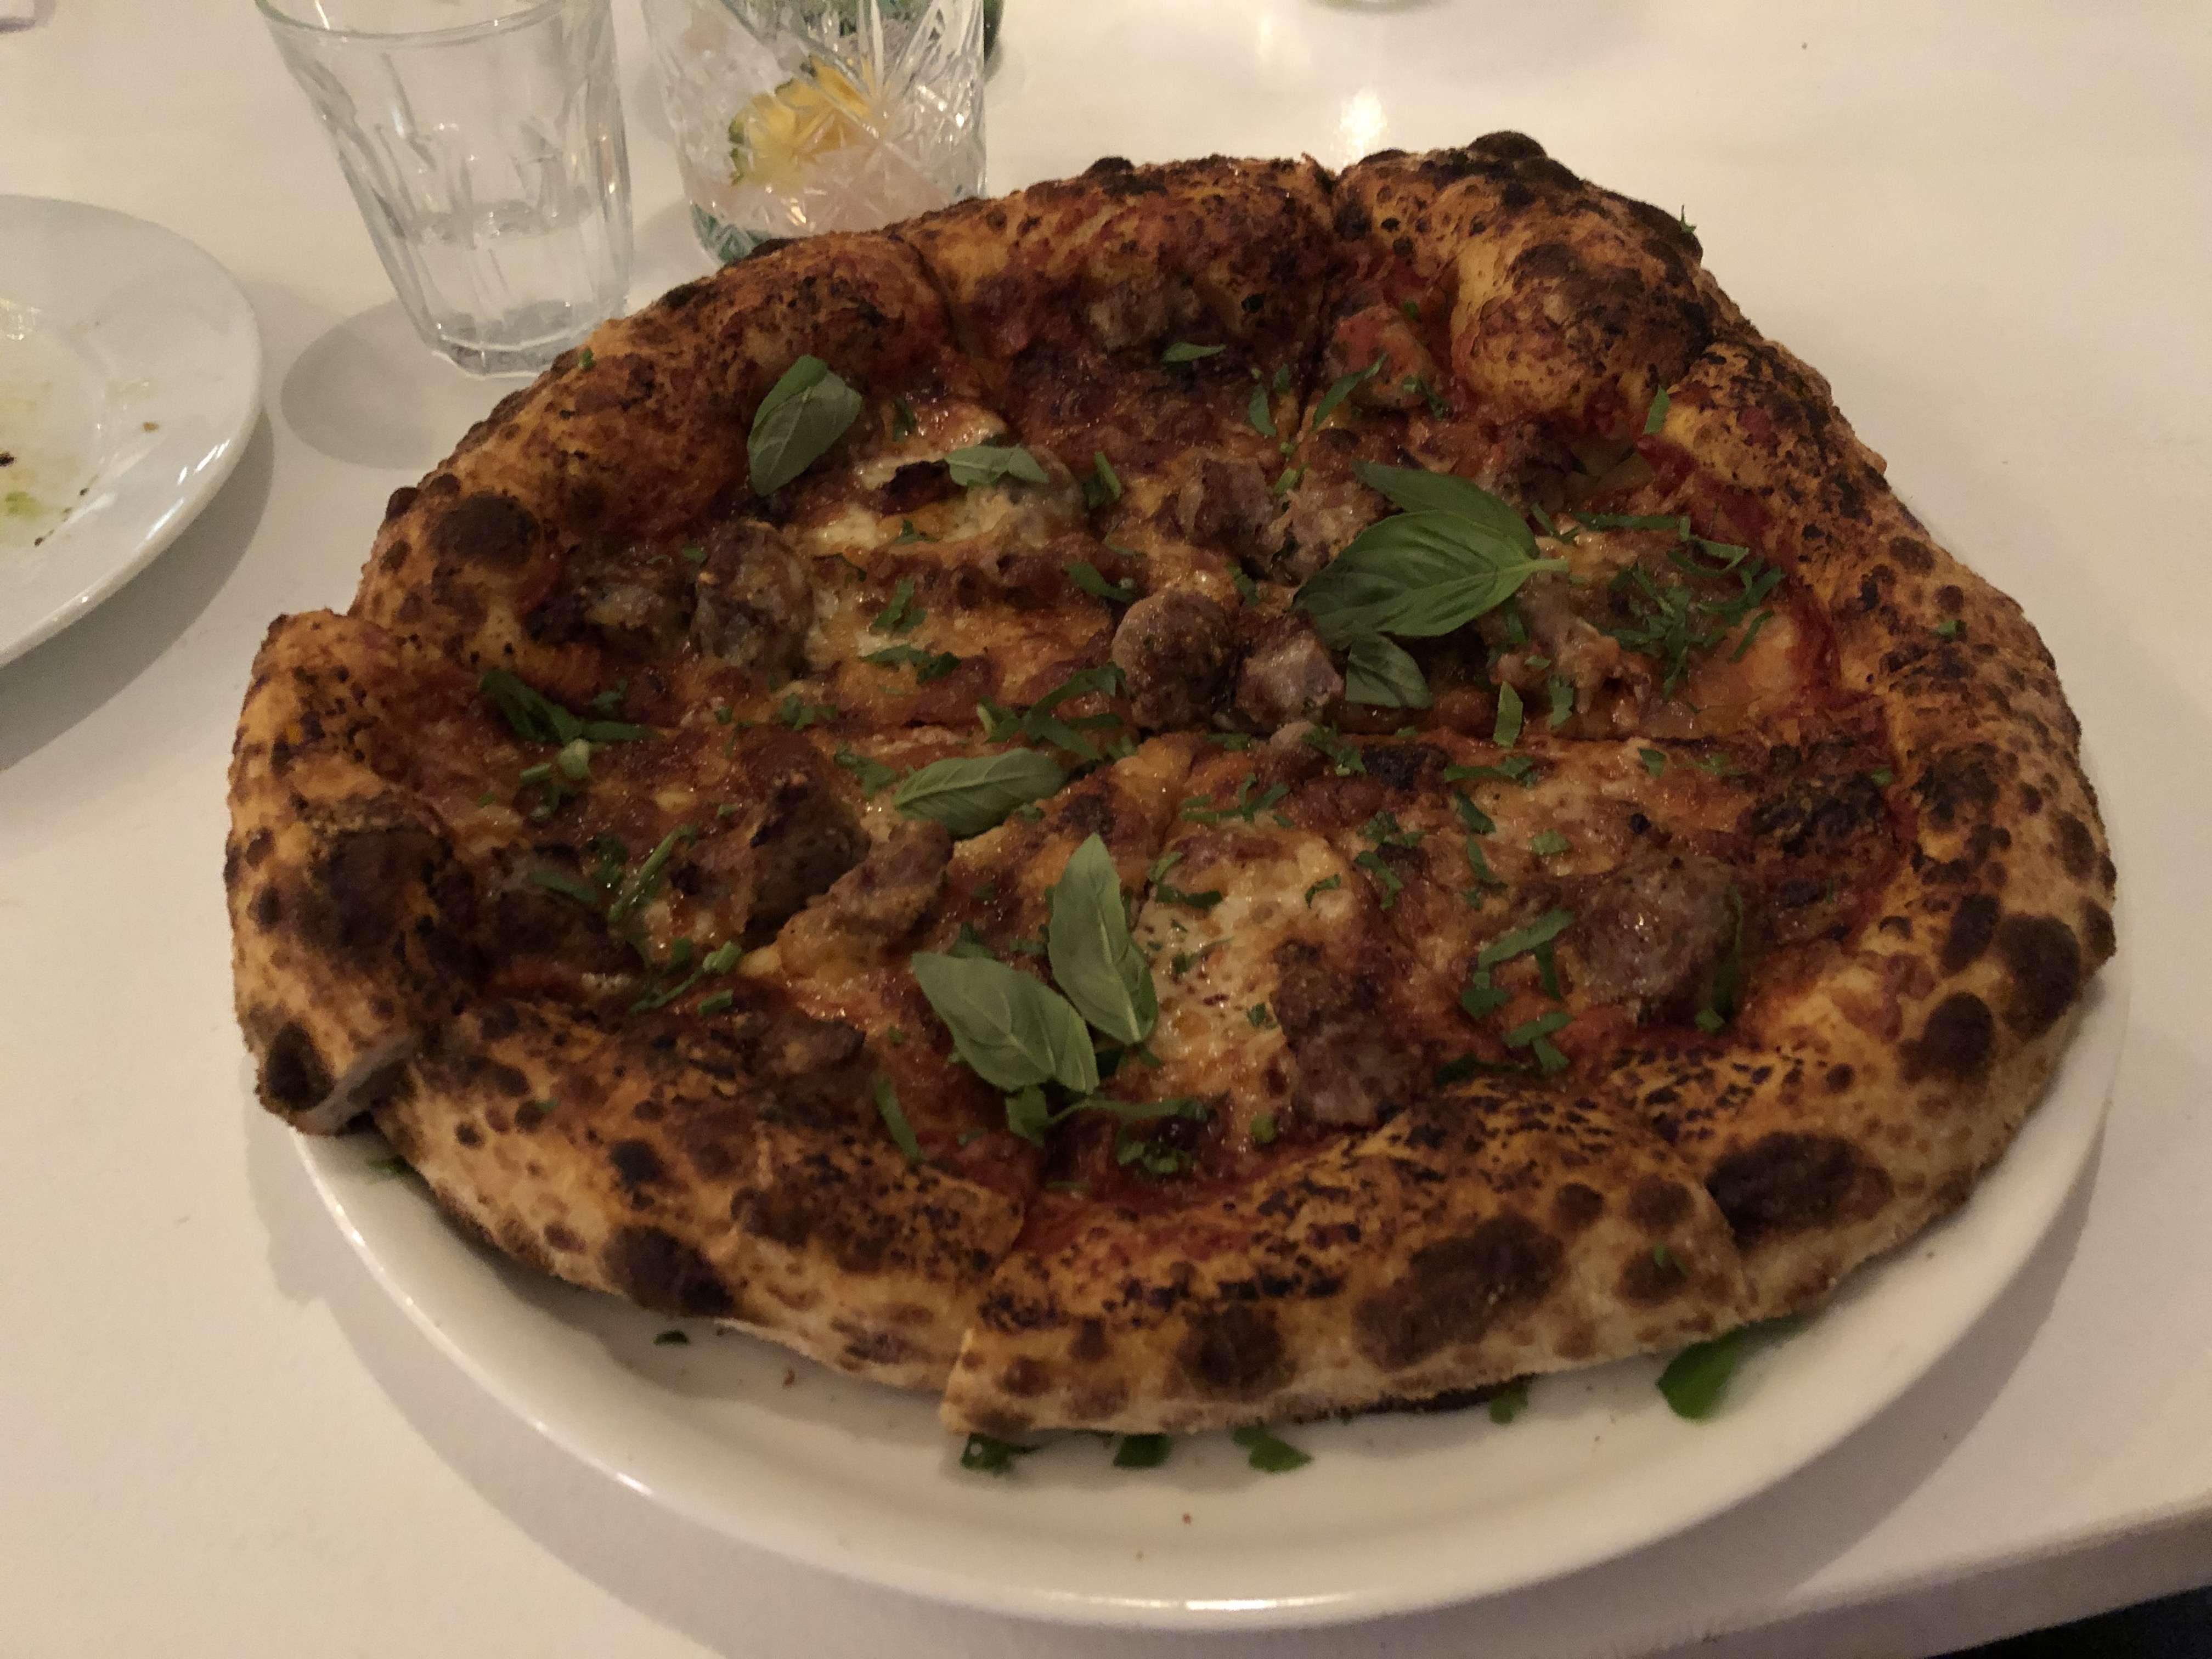 Justin Lane Pizzeria & Bar